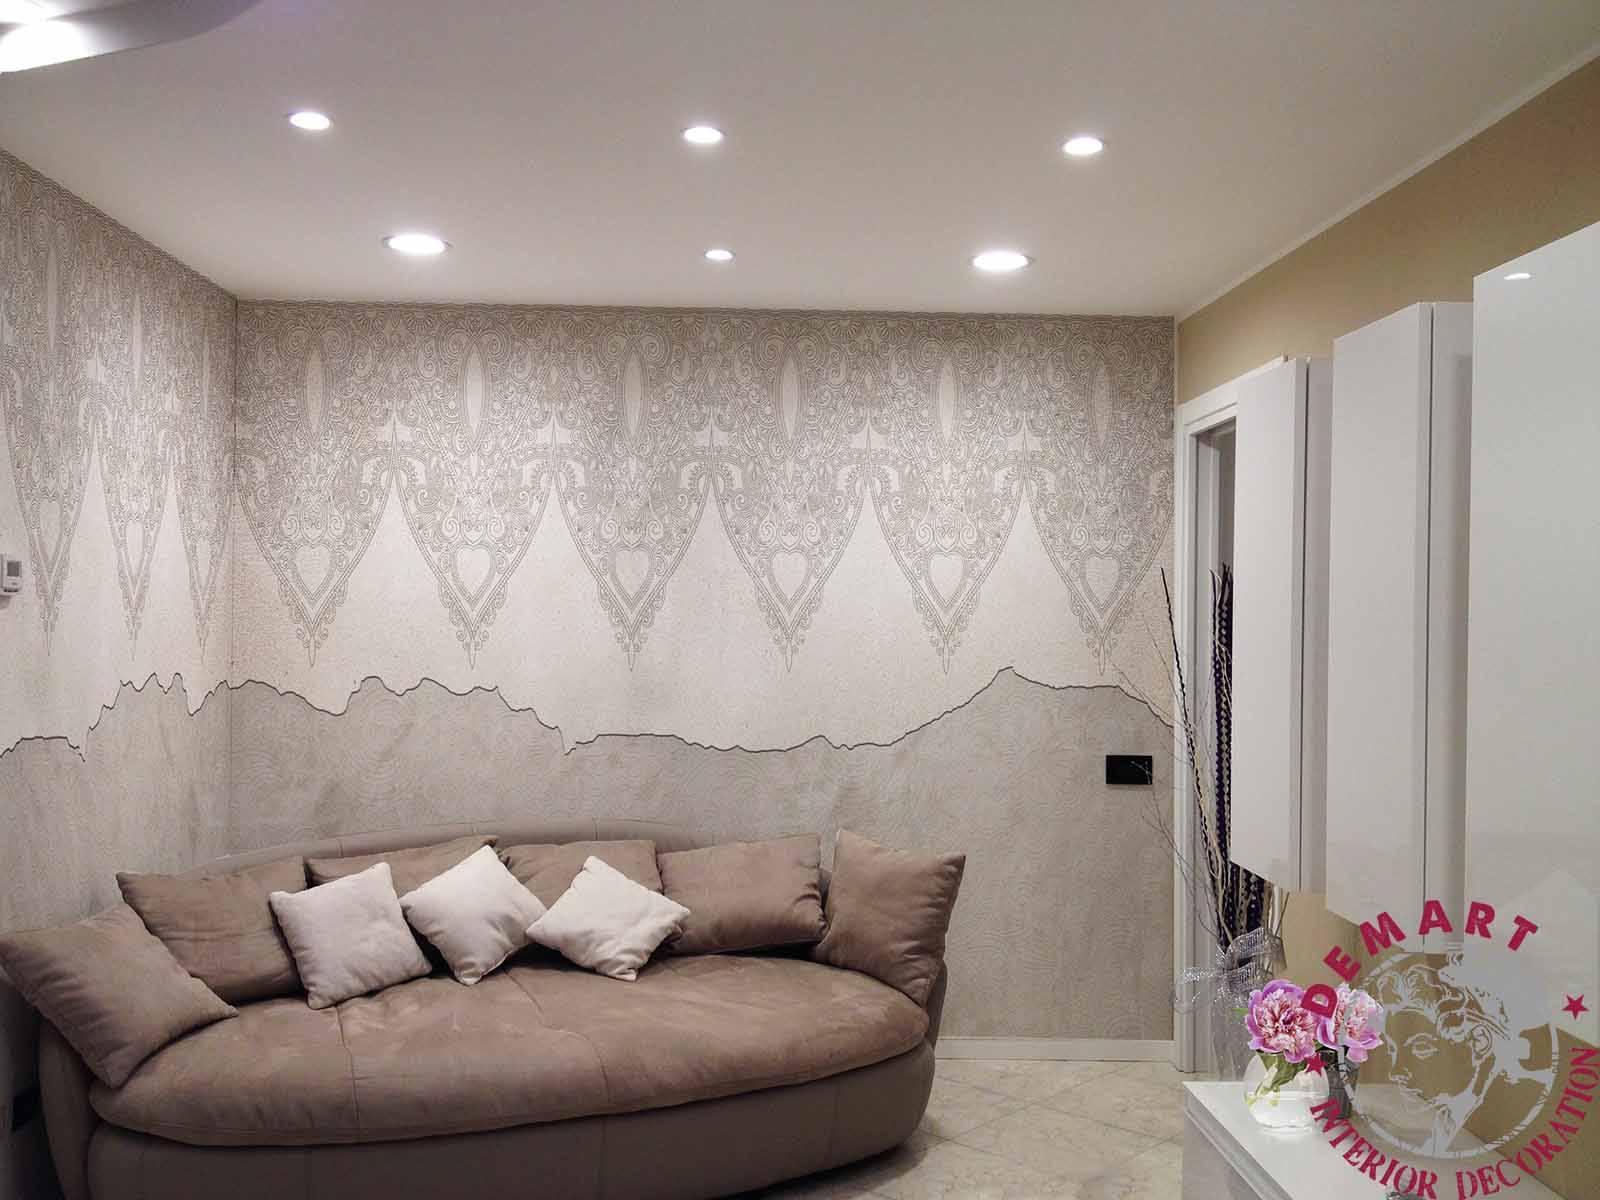 decorazione-parete-affresco-digitale-soggiorno-privato-08 – Demart ...